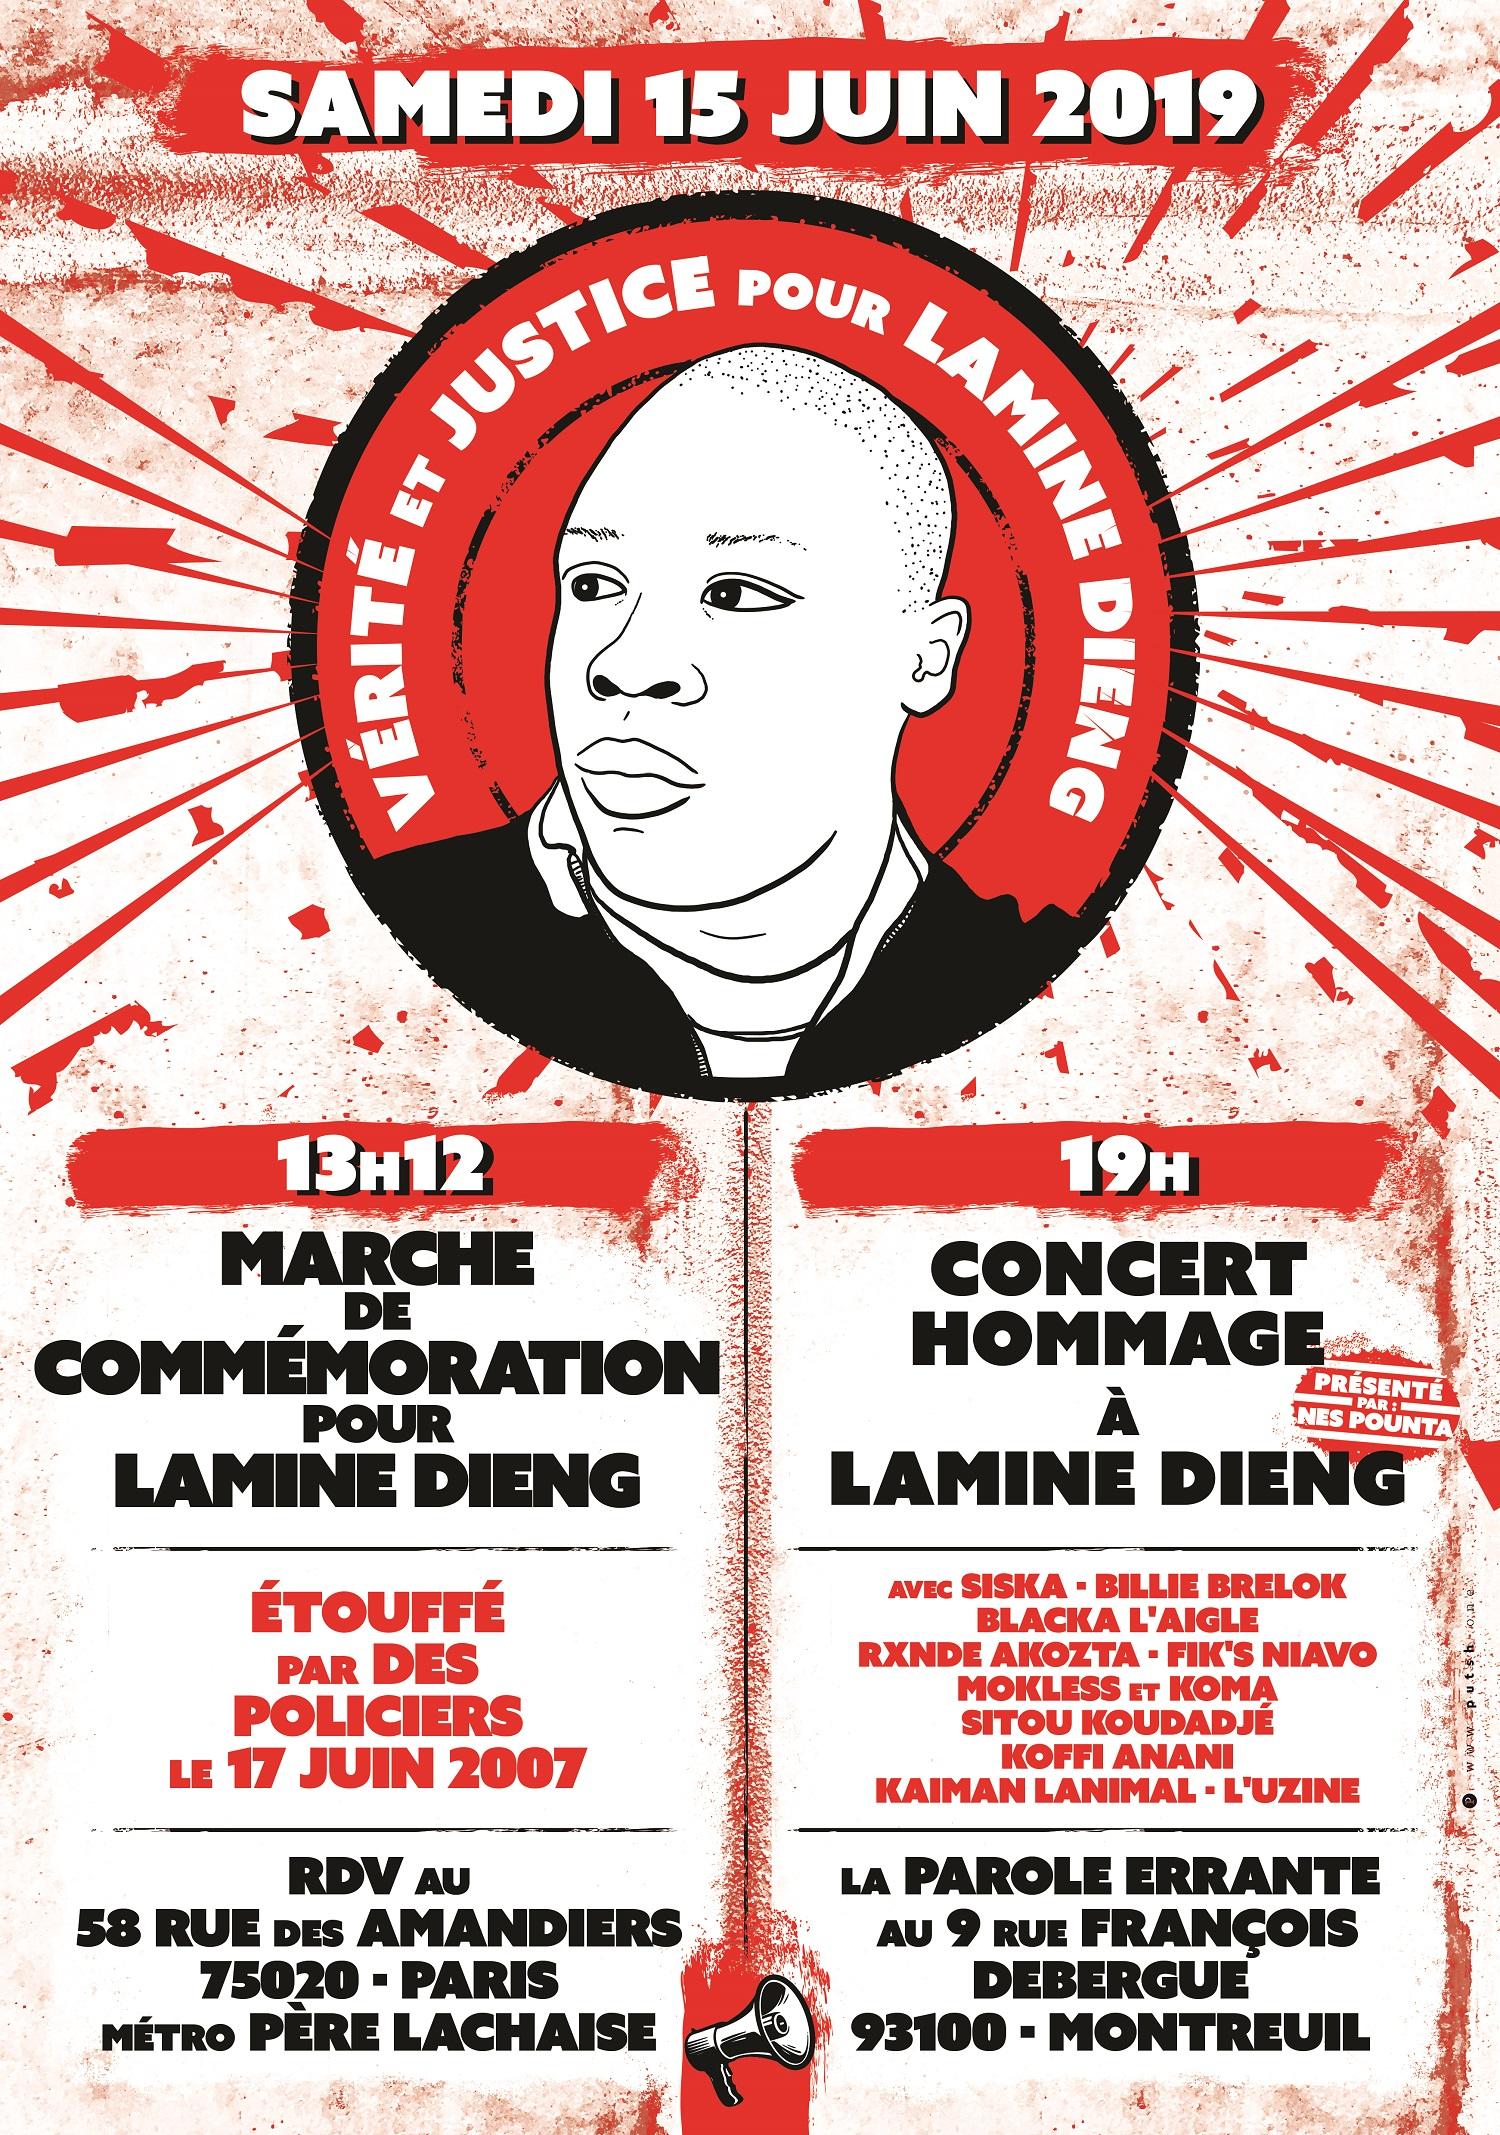 """Emission """"Frontline"""" du 24 mai 2019 autour de la journée en hommage à Lamine Dieng"""